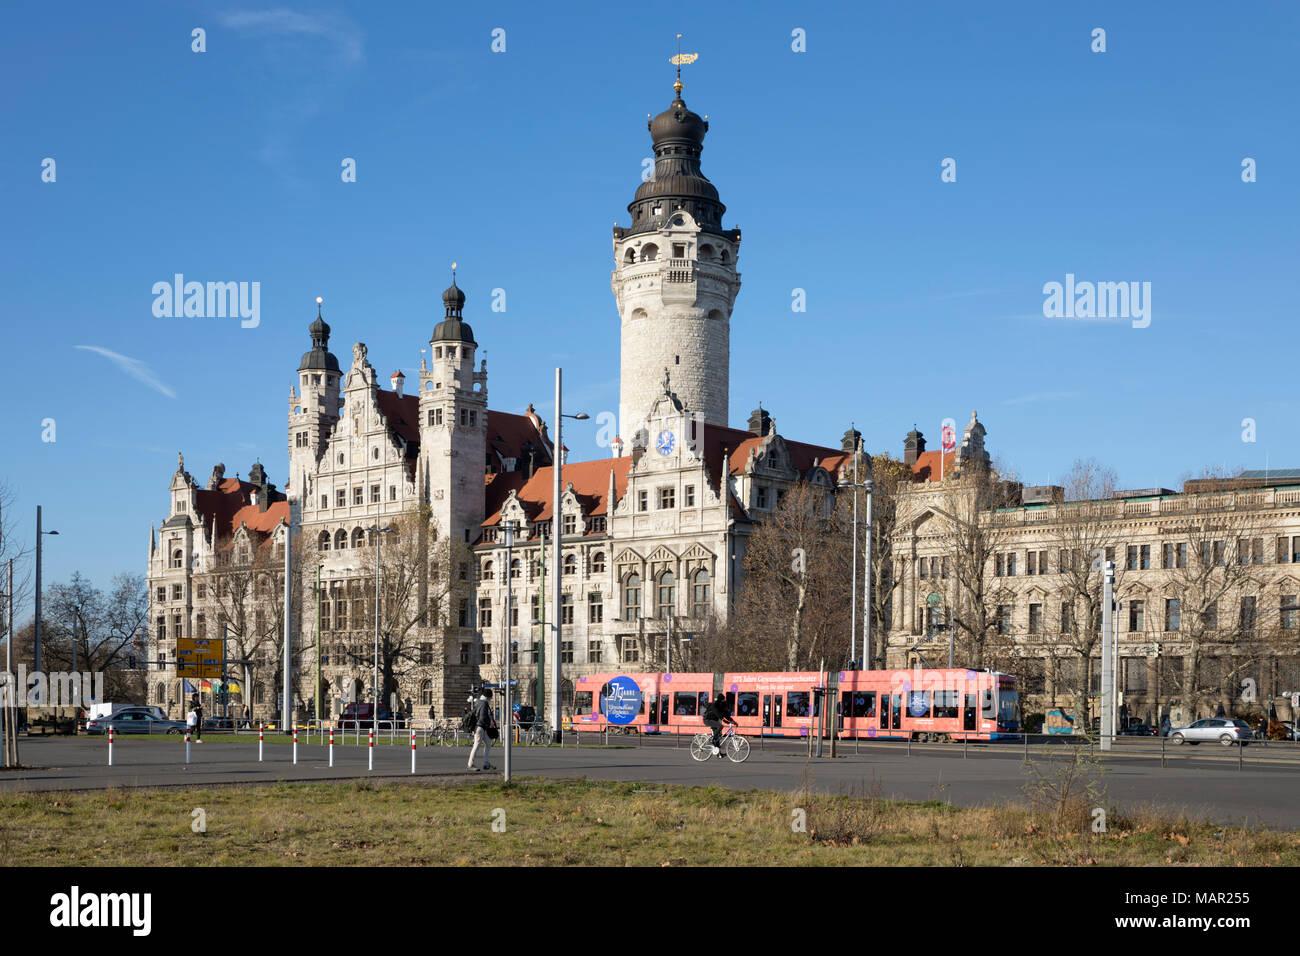 New Town Hall Leipzig Saxony Germany Europe Stock Photo Alamy